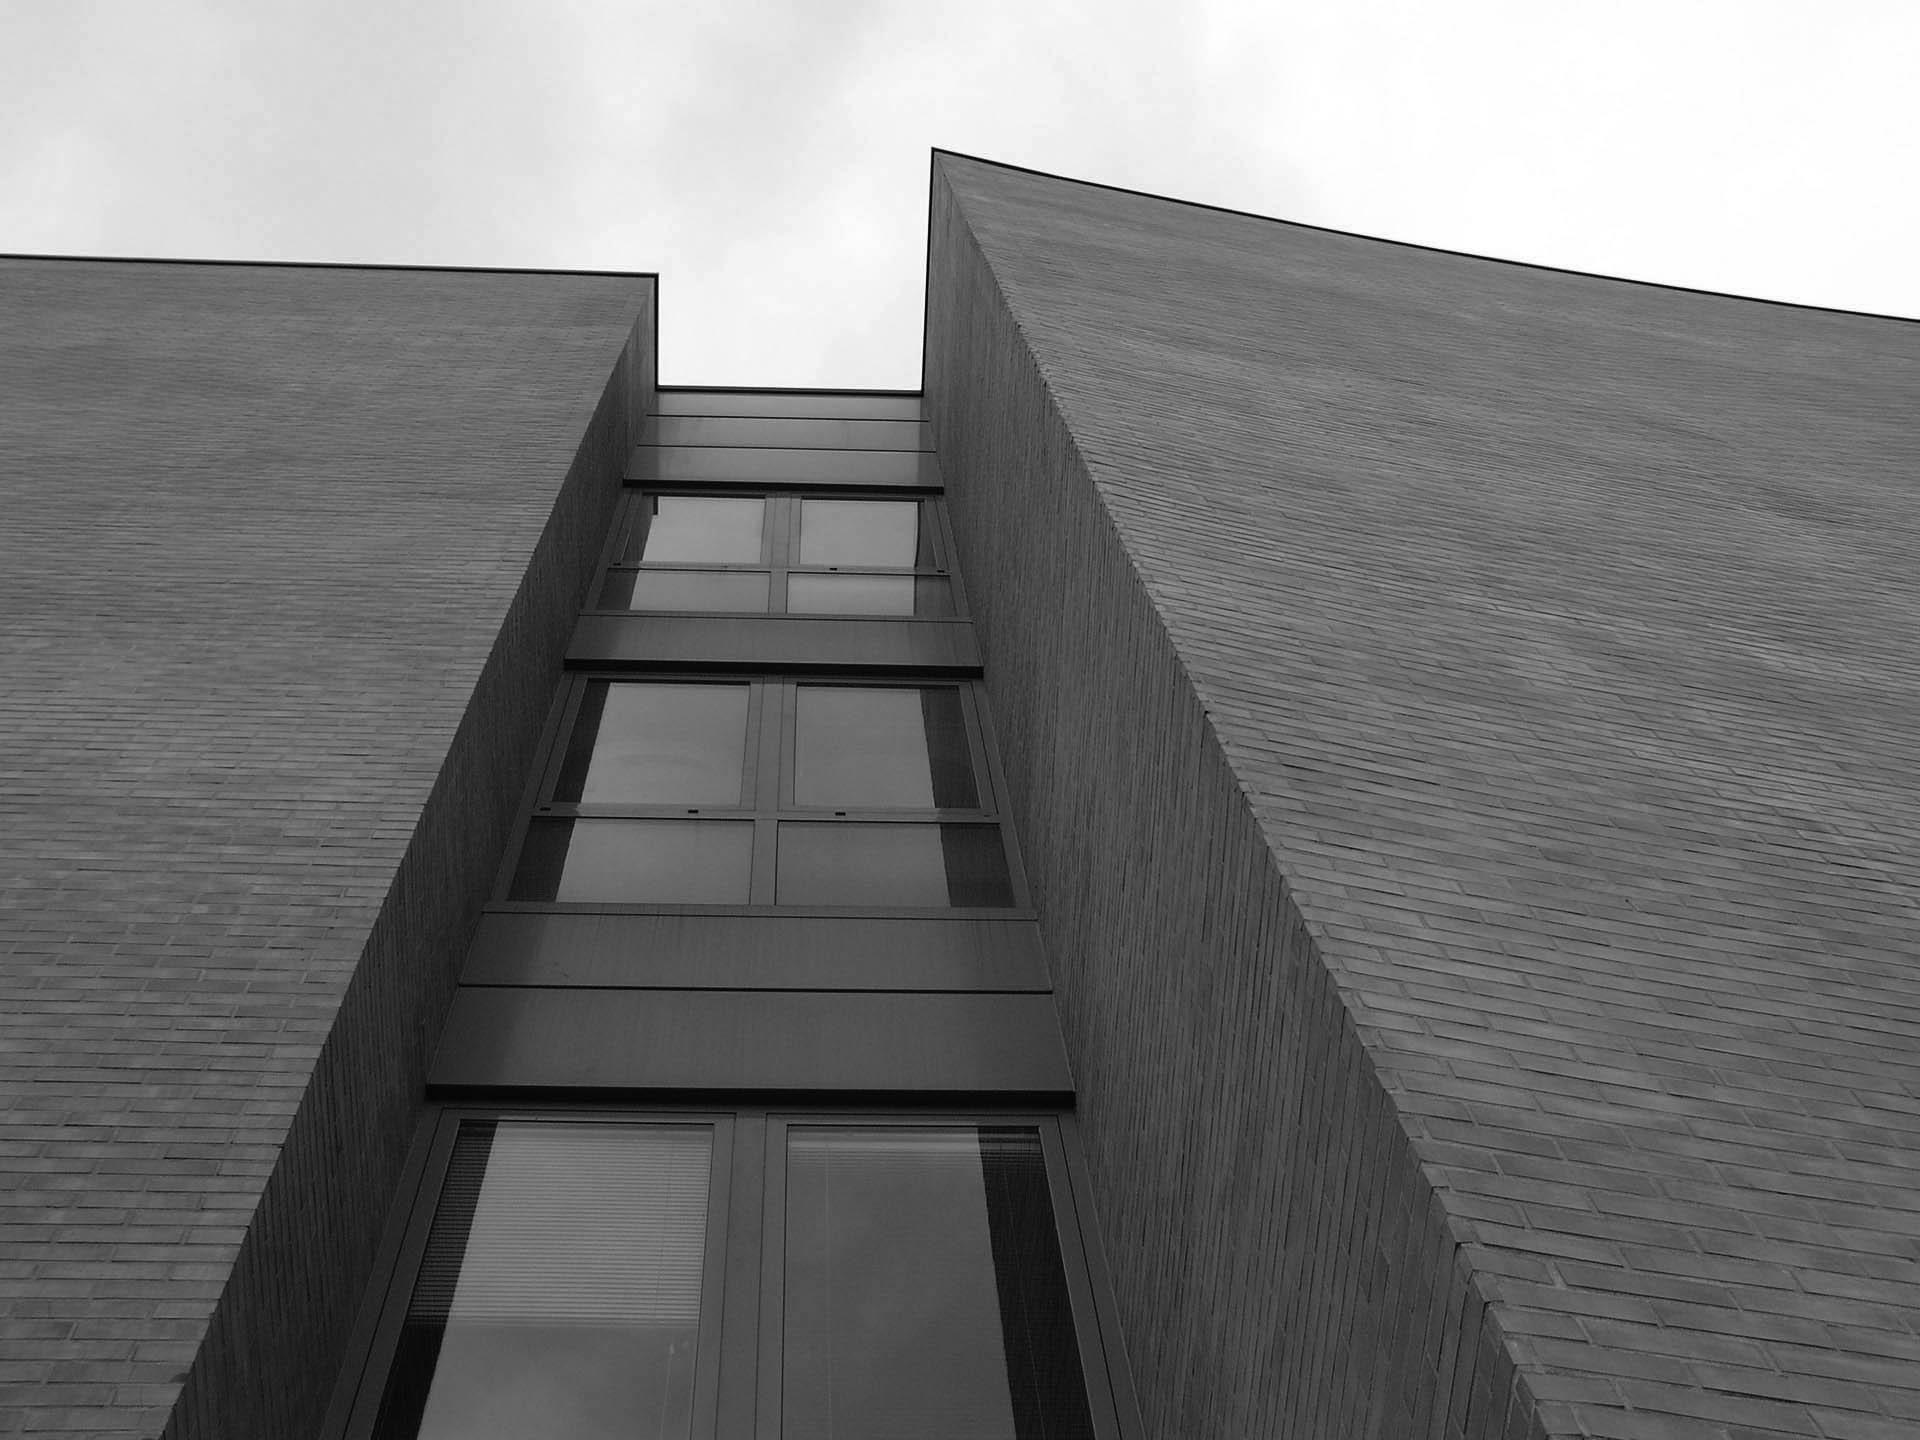 00 Studio Bacchi architetti associati Forlanini copertina 05